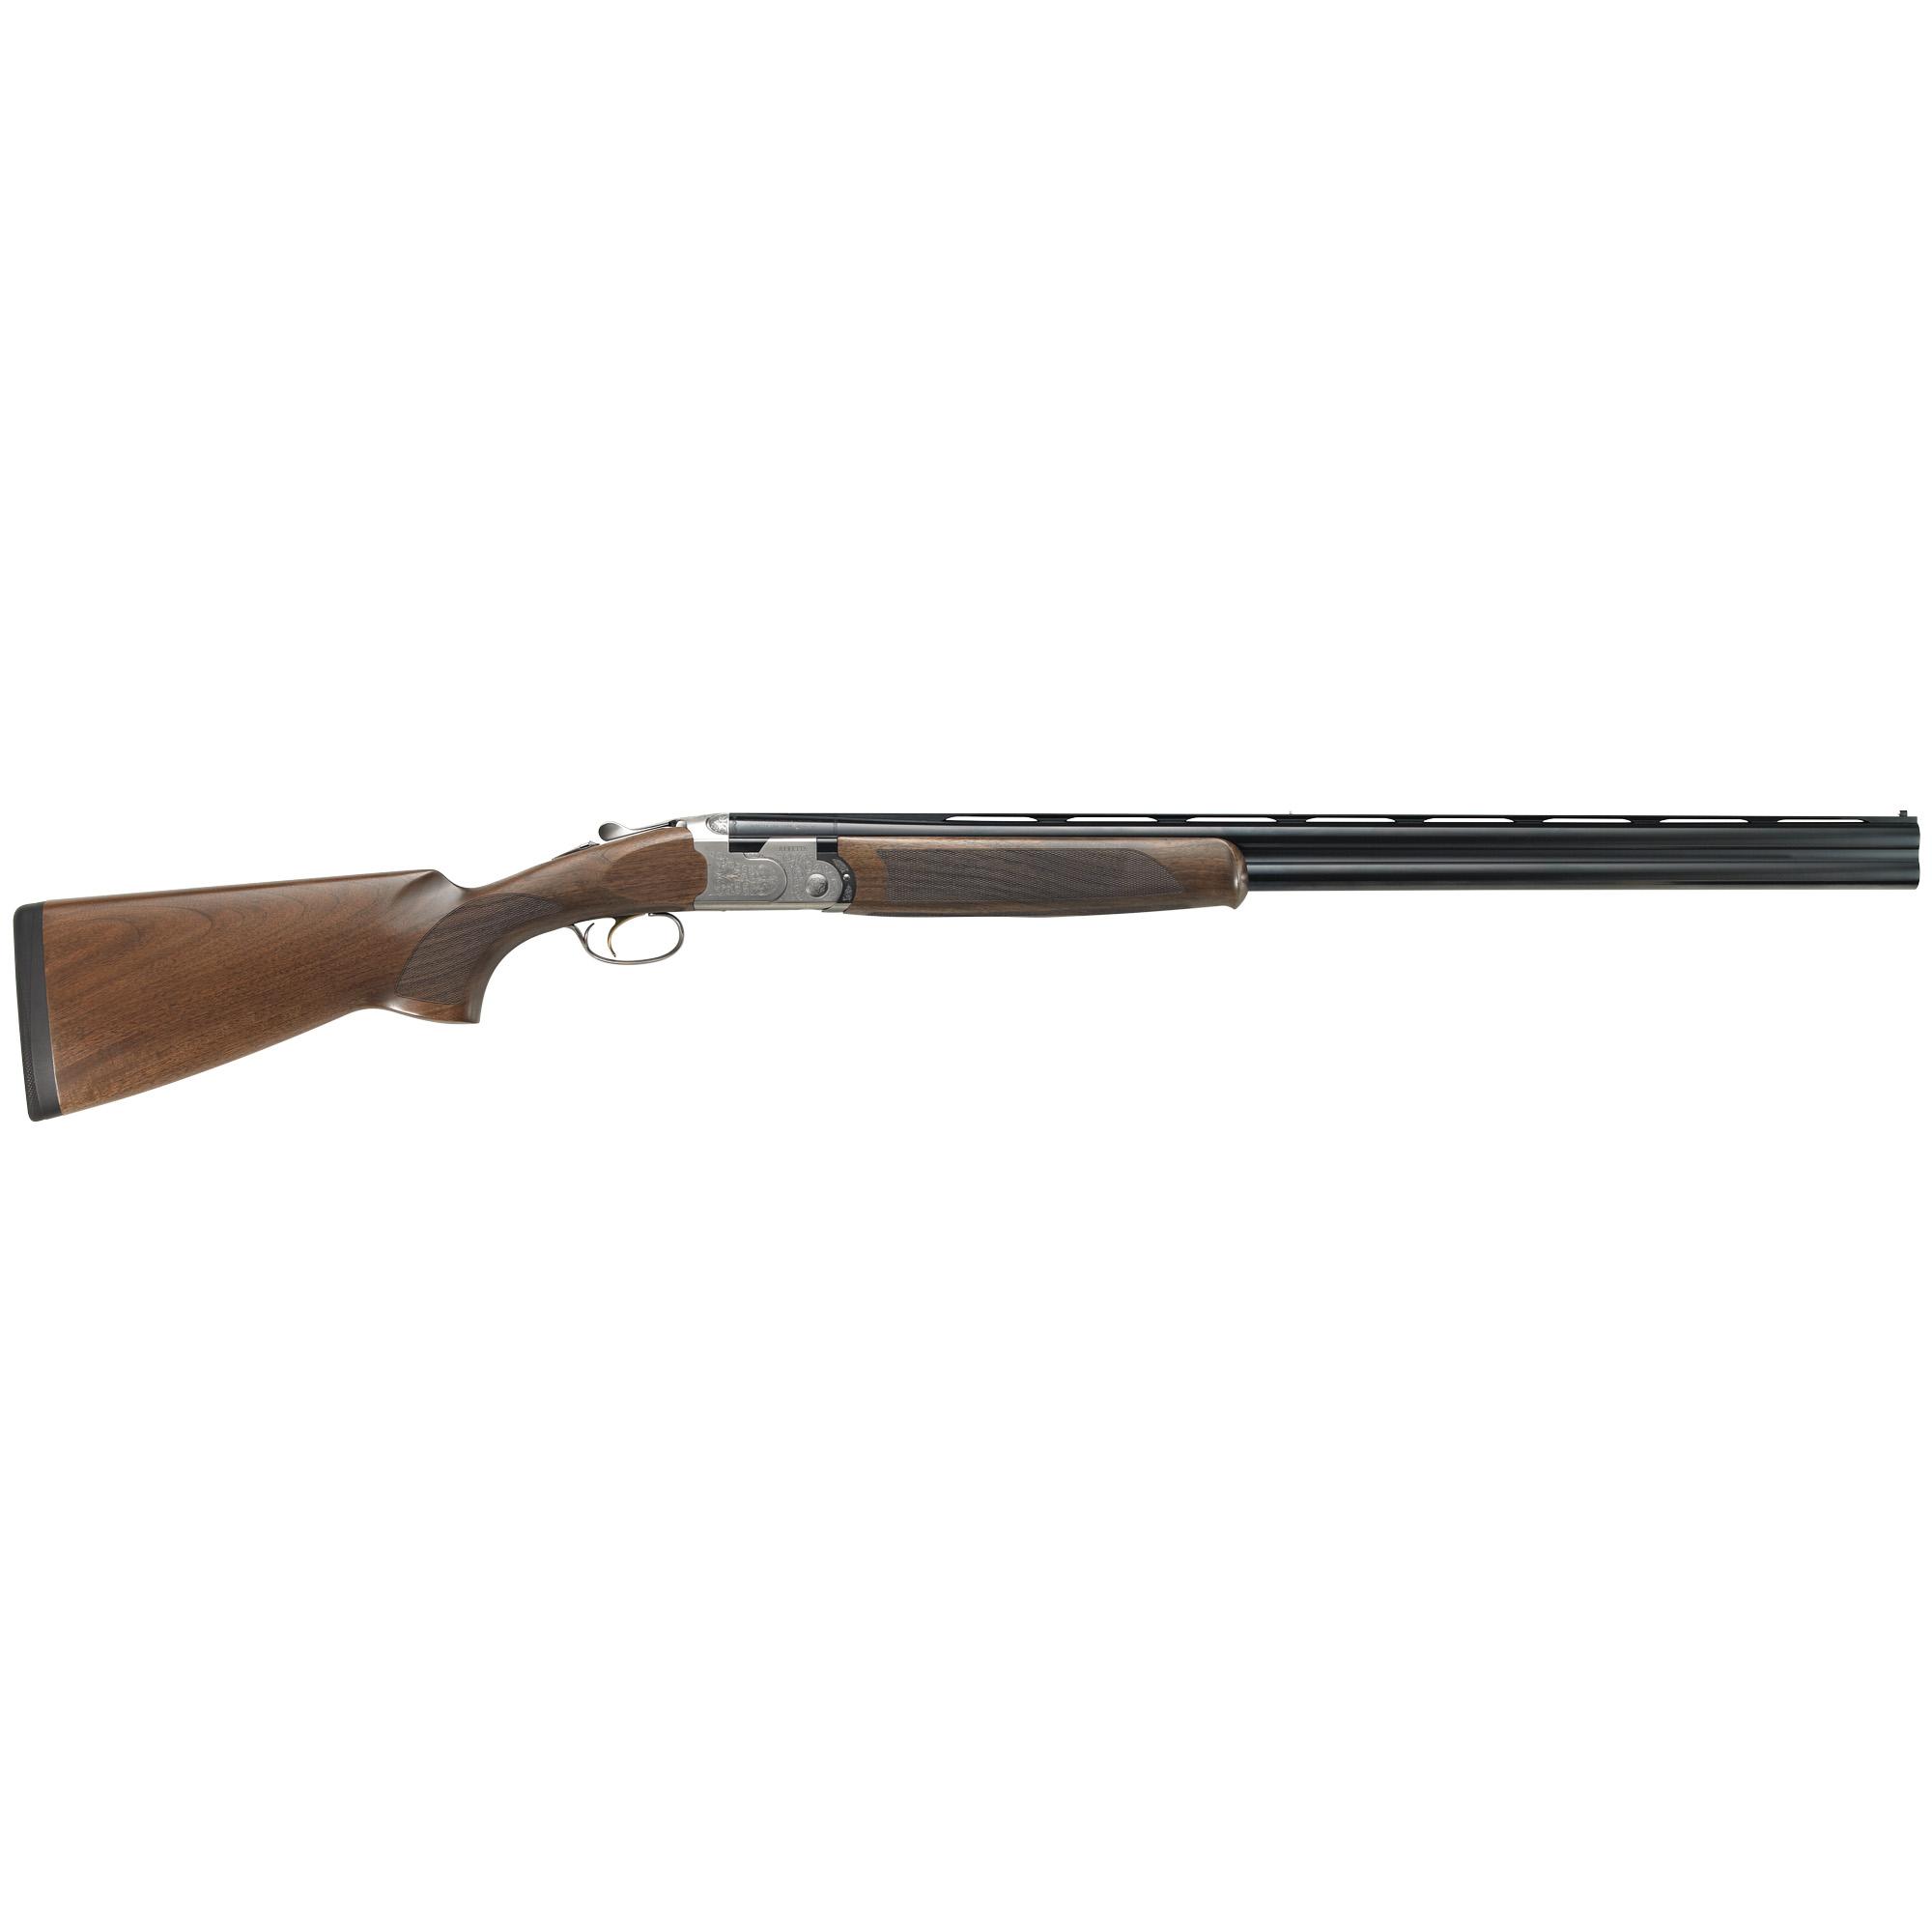 Beretta 686 20/28 Silver Pigeon I